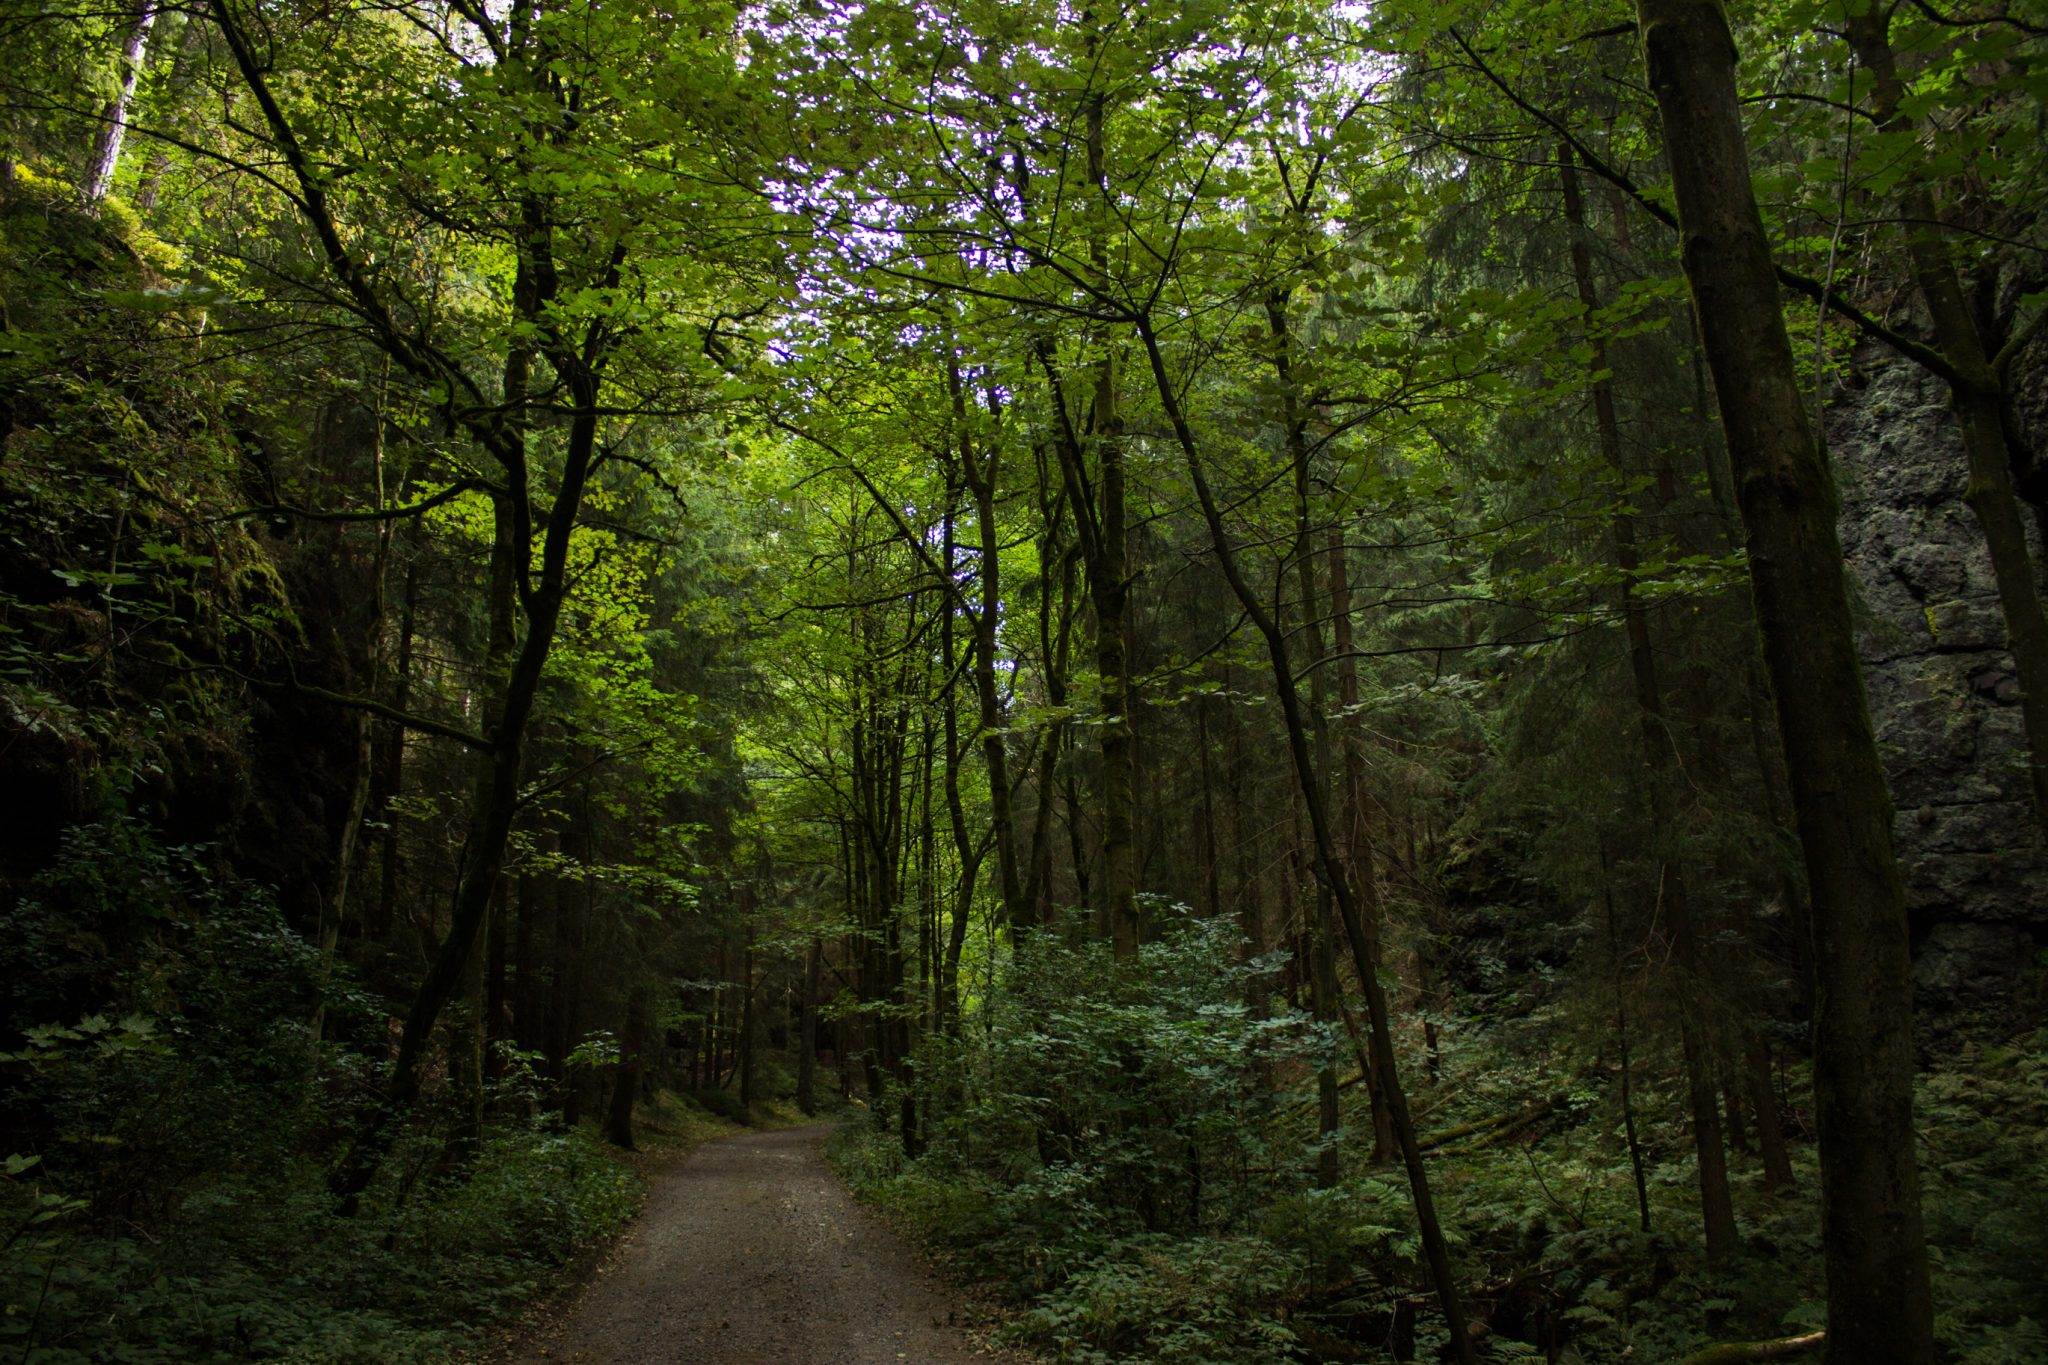 Marderschlucht wandern bei Tambach-Dietharz, schöner Wanderweg durch dichten, grünen Wald entlang Marderbach und Tal